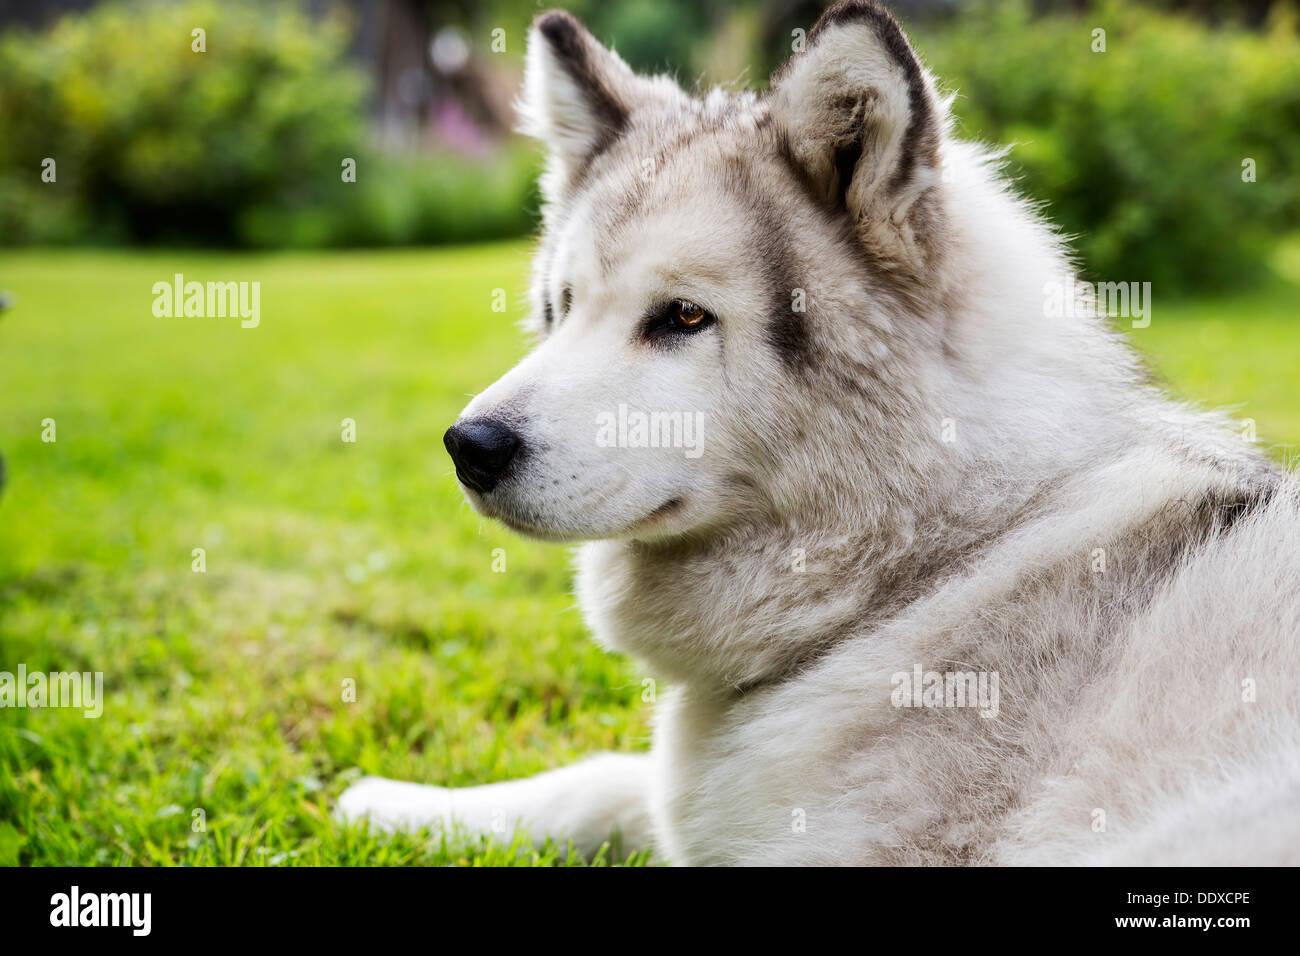 Con pelliccia bianca cane laici pacificamente in giardino Immagini Stock